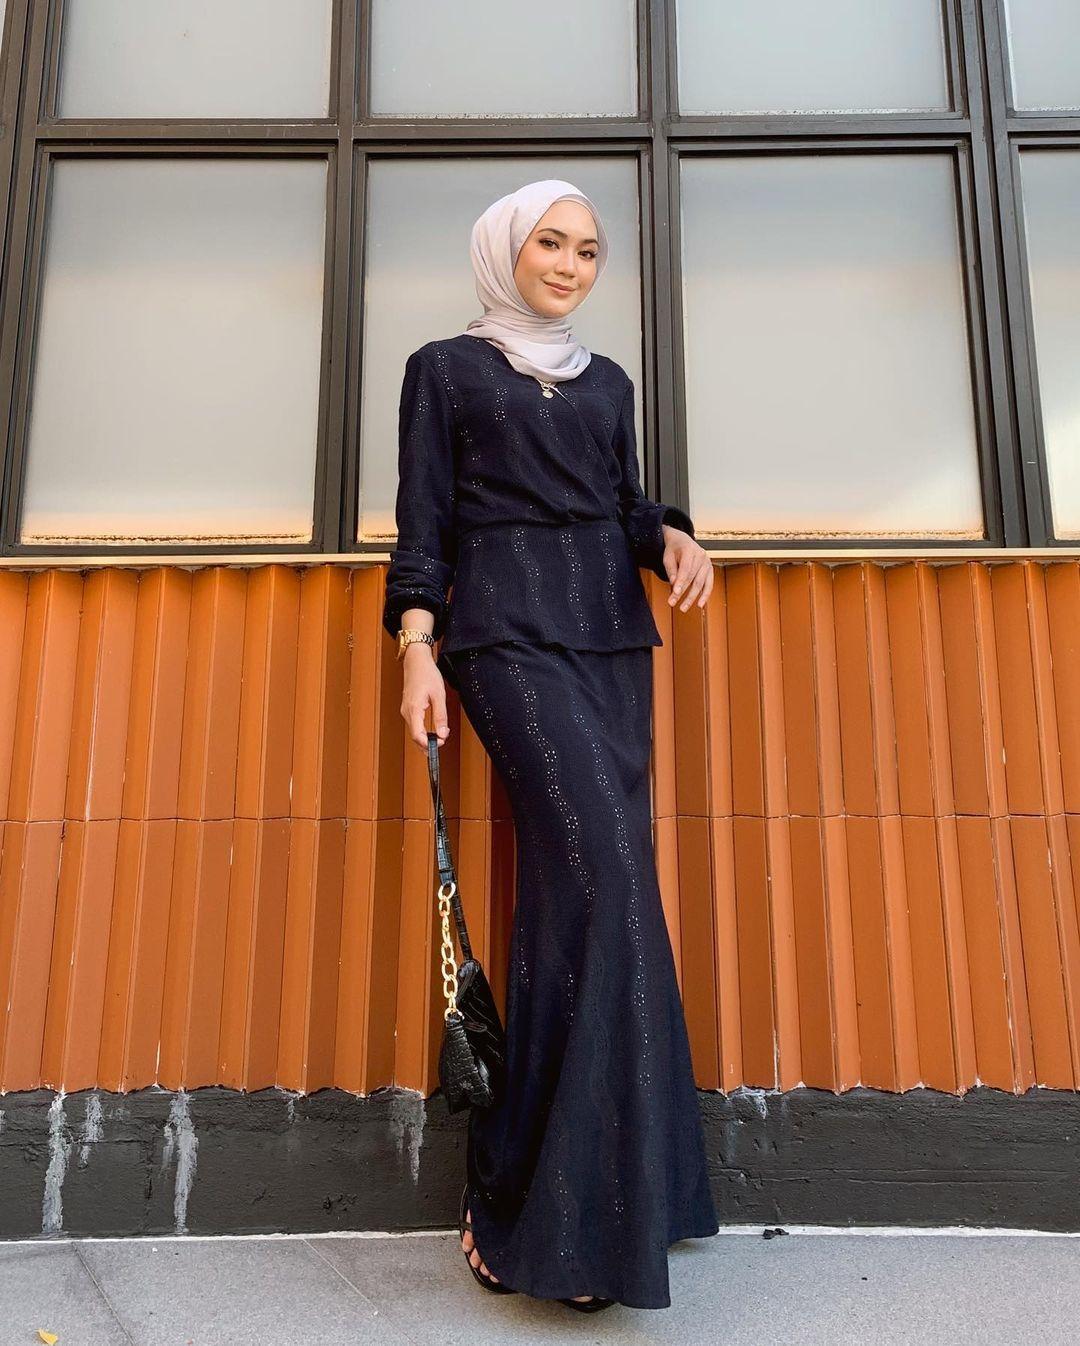 OOTD Feminin di Hari Raya dengan Baju Kurung Modern